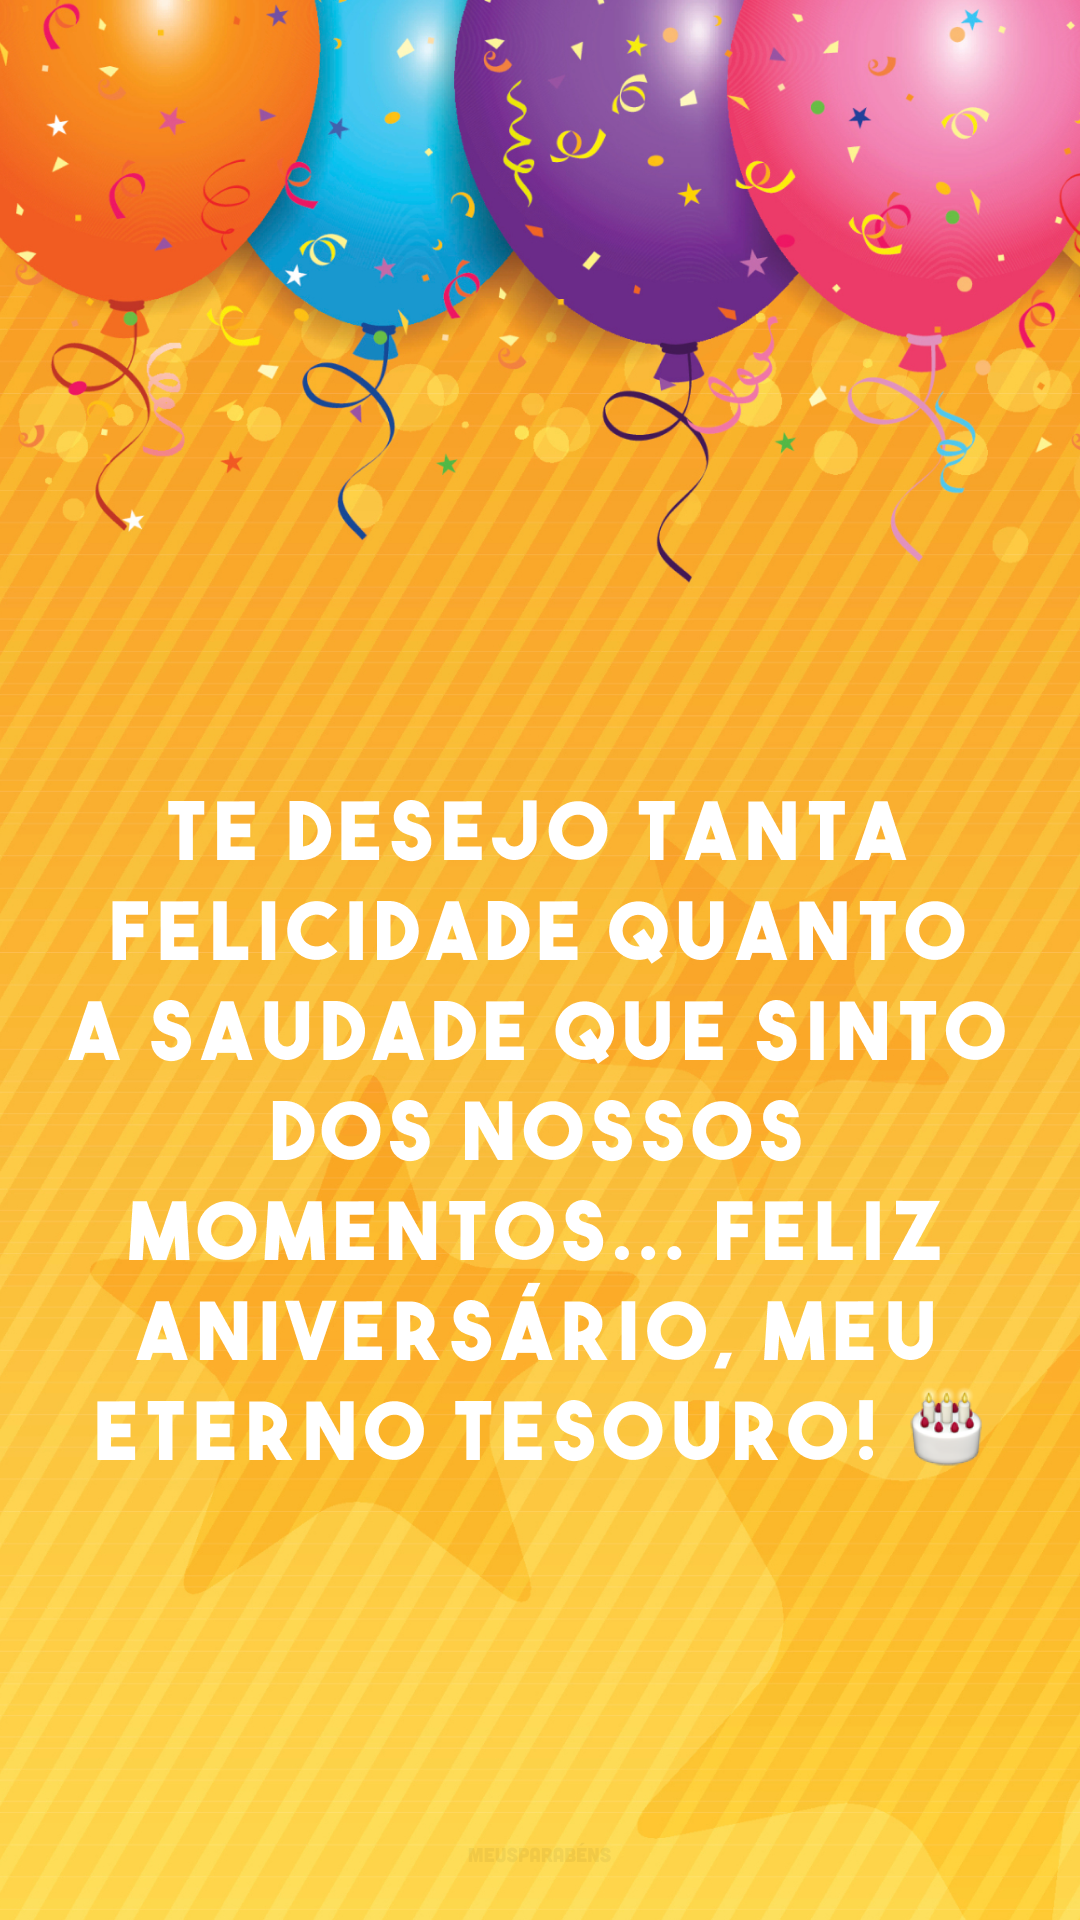 Te desejo tanta felicidade quanto a saudade que sinto dos nossos momentos... Feliz aniversário, meu eterno tesouro! 🎂